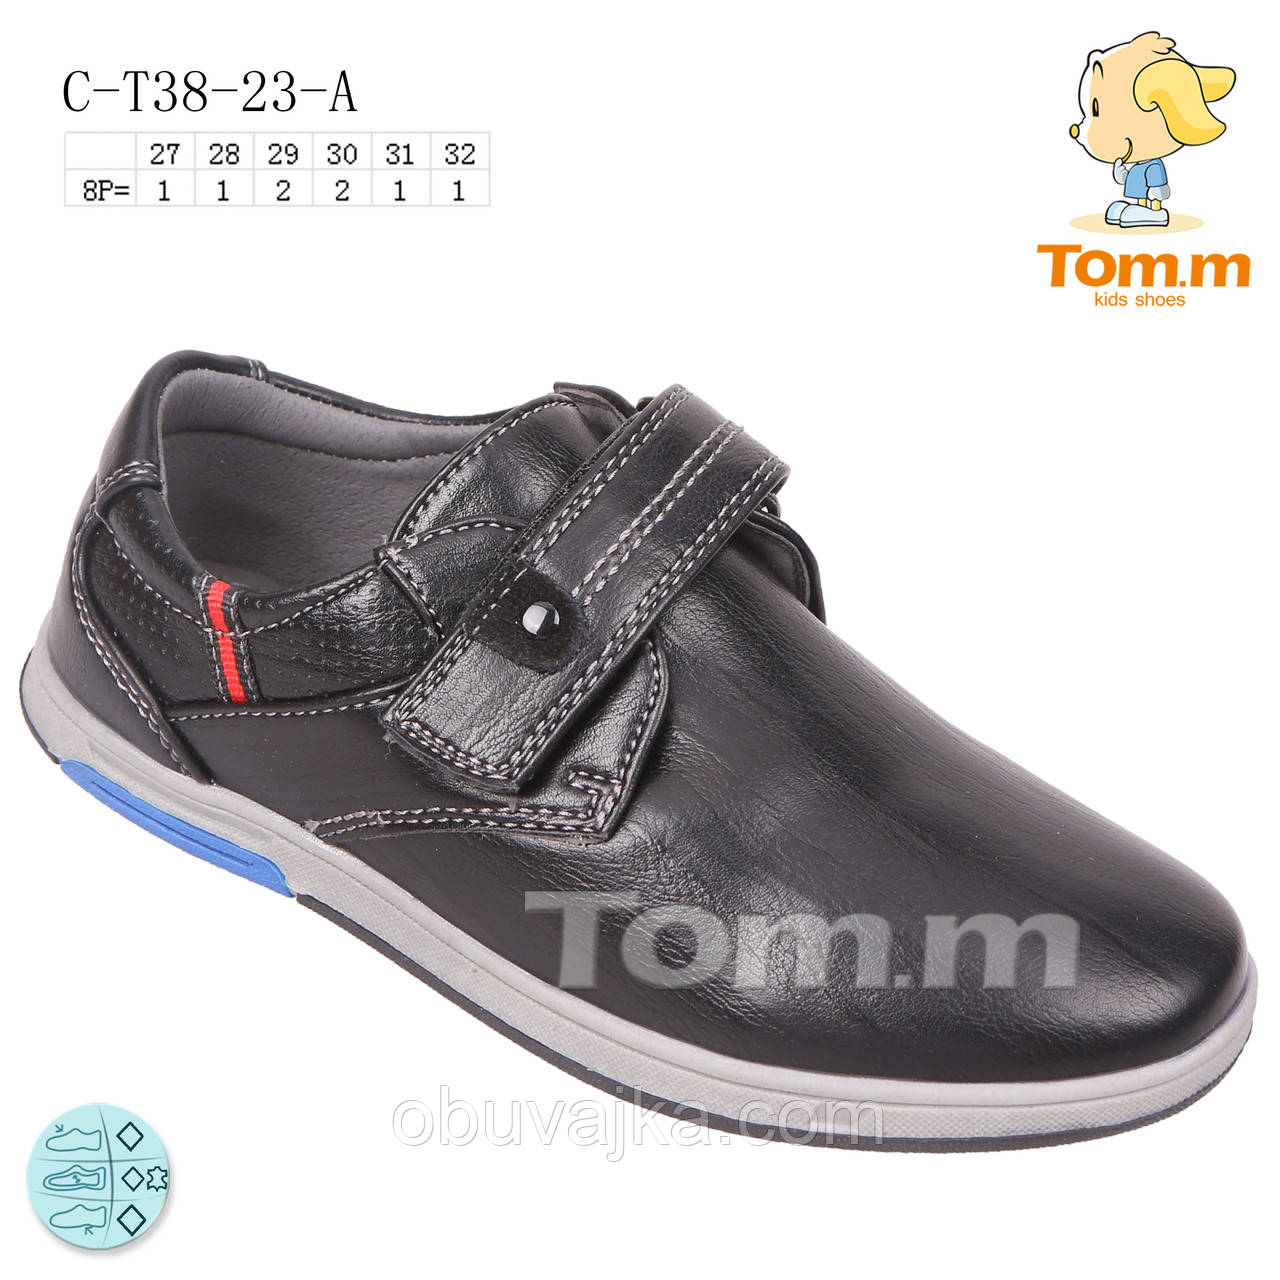 Школьная обувь Туфли для мальчиков оптом от Tom m(27-32)